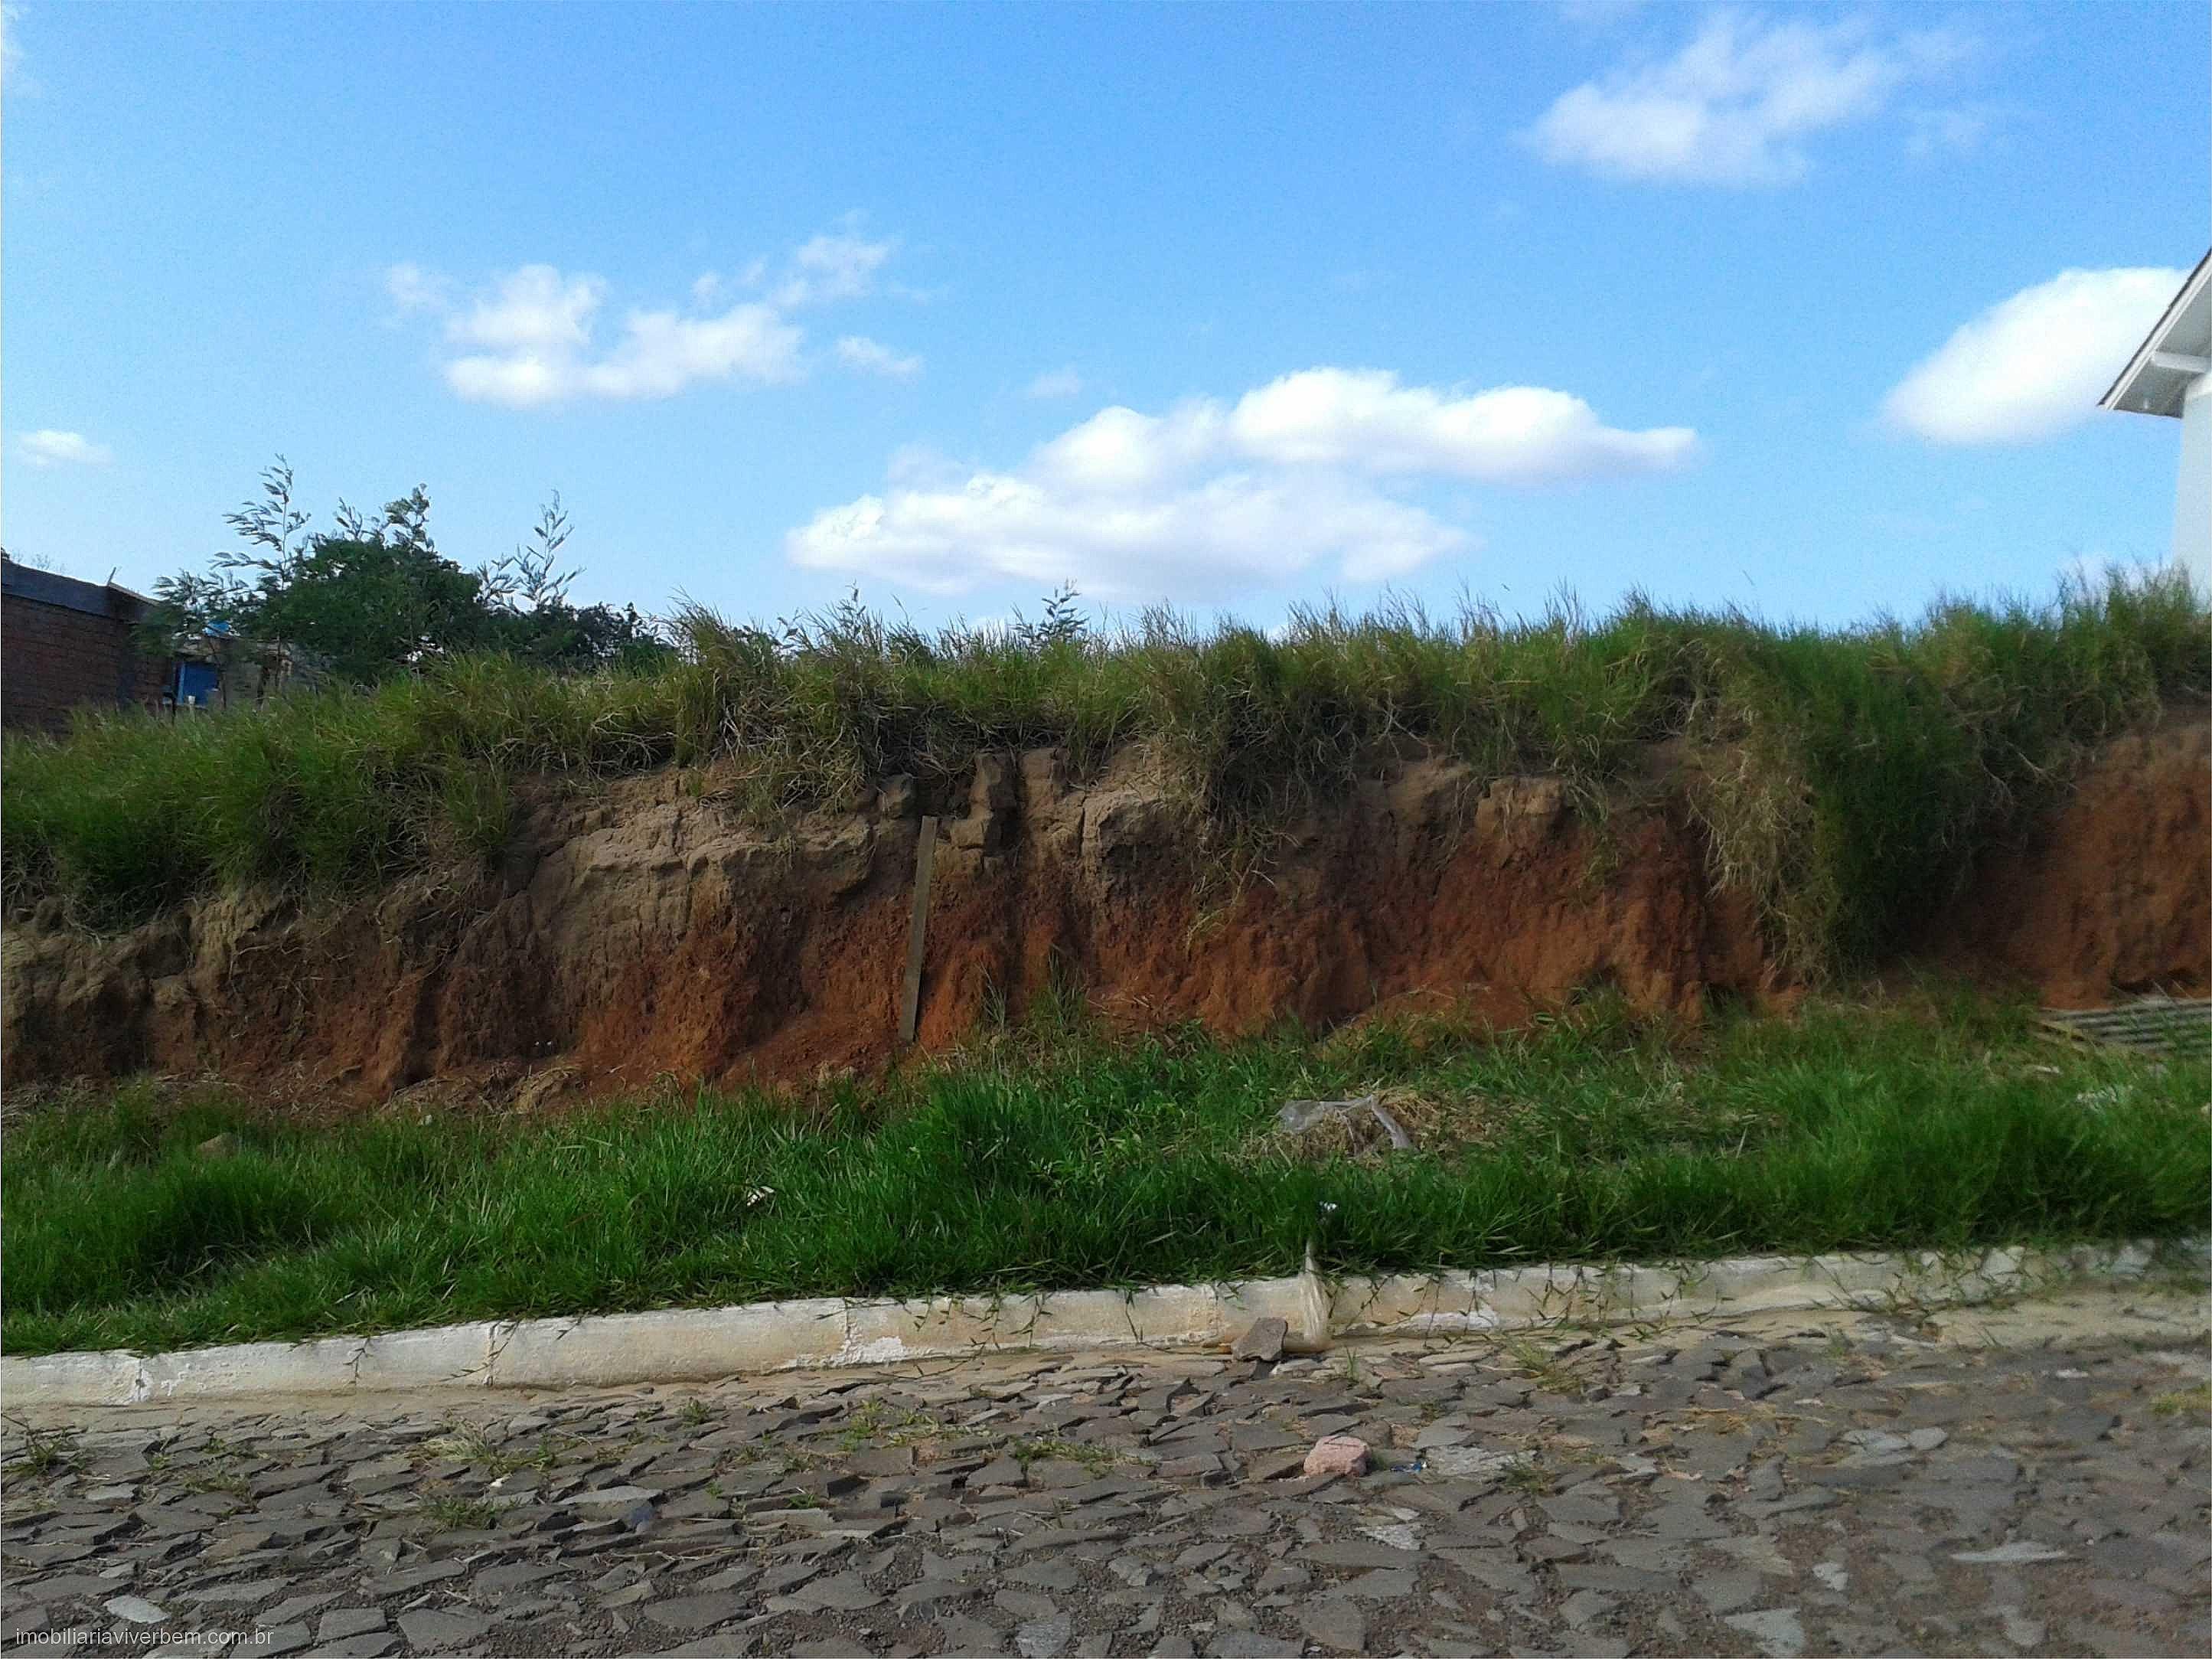 Viver Bem Imóveis - Terreno, Aparecida, Portão - Foto 4